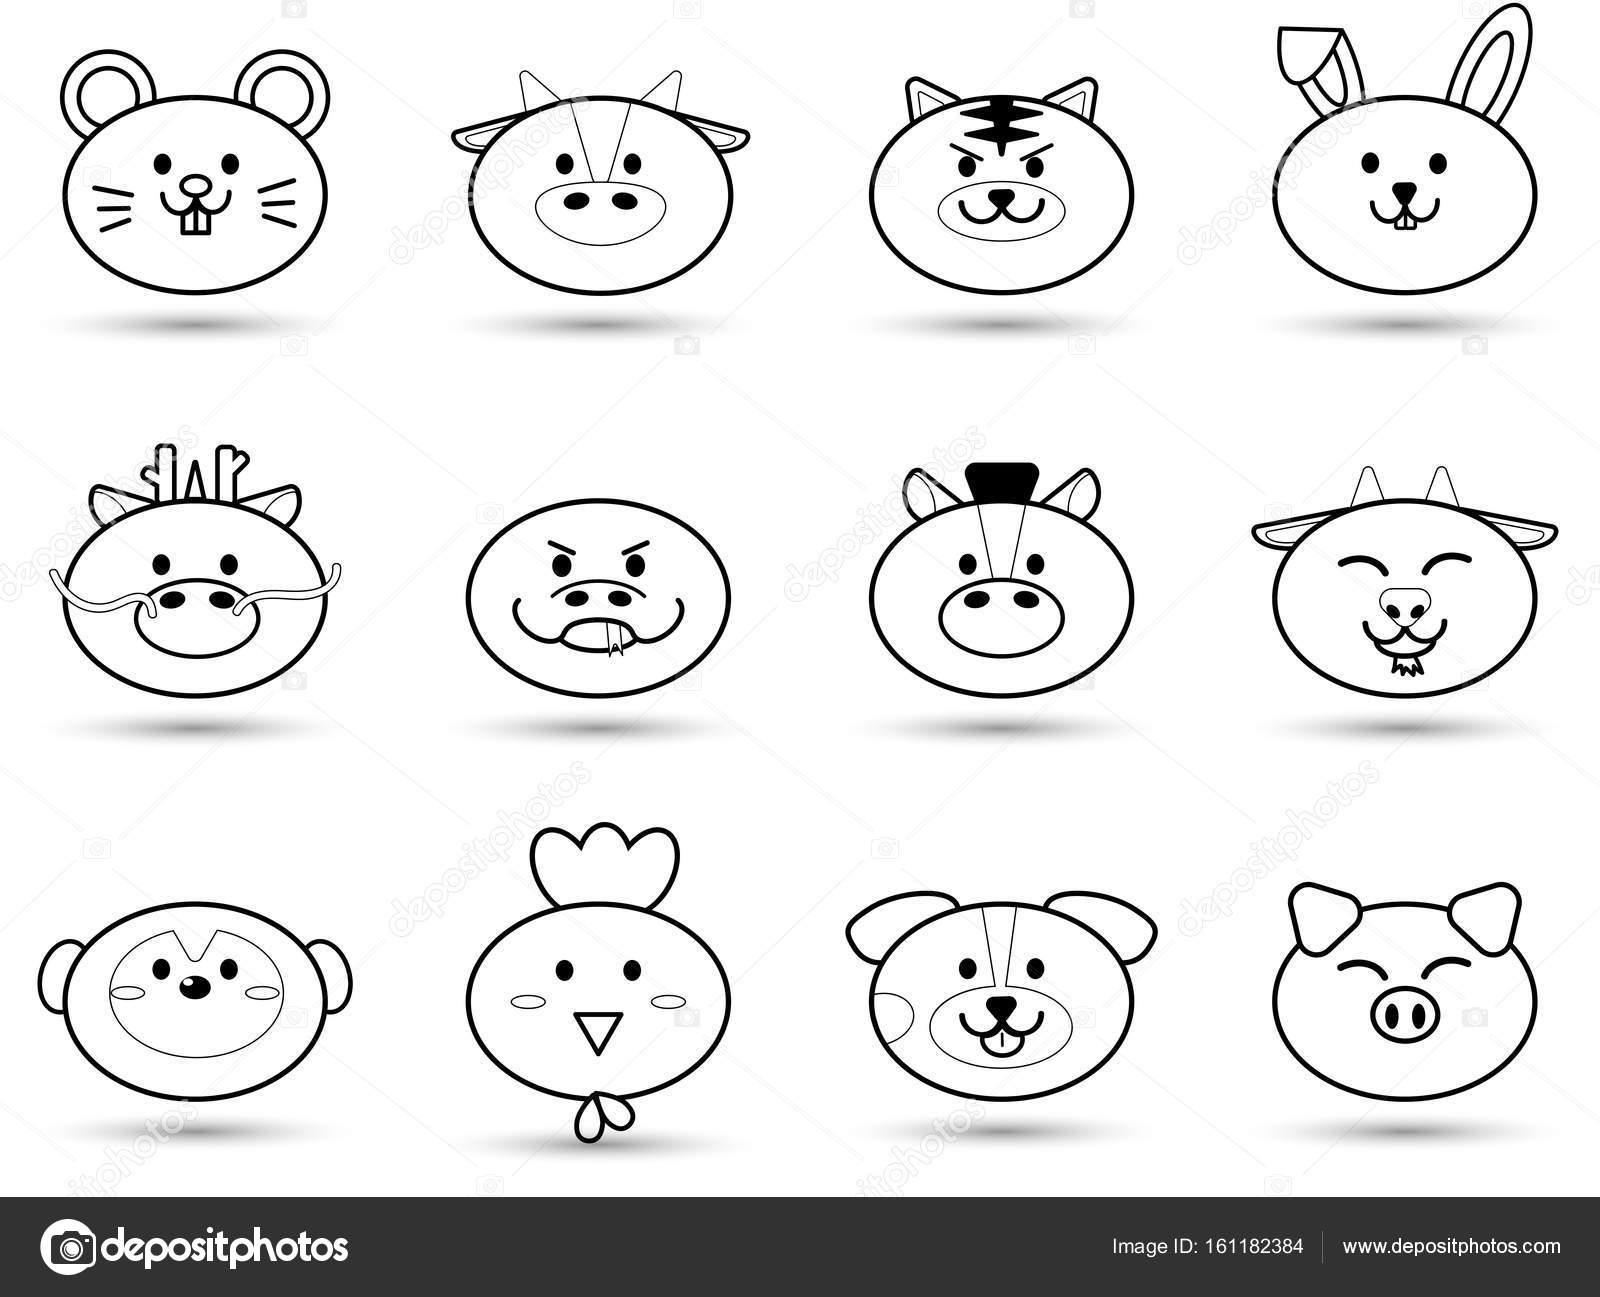 動物の簡単なアウトライン脂肪かわいい頭署名中国の黄道帯星座